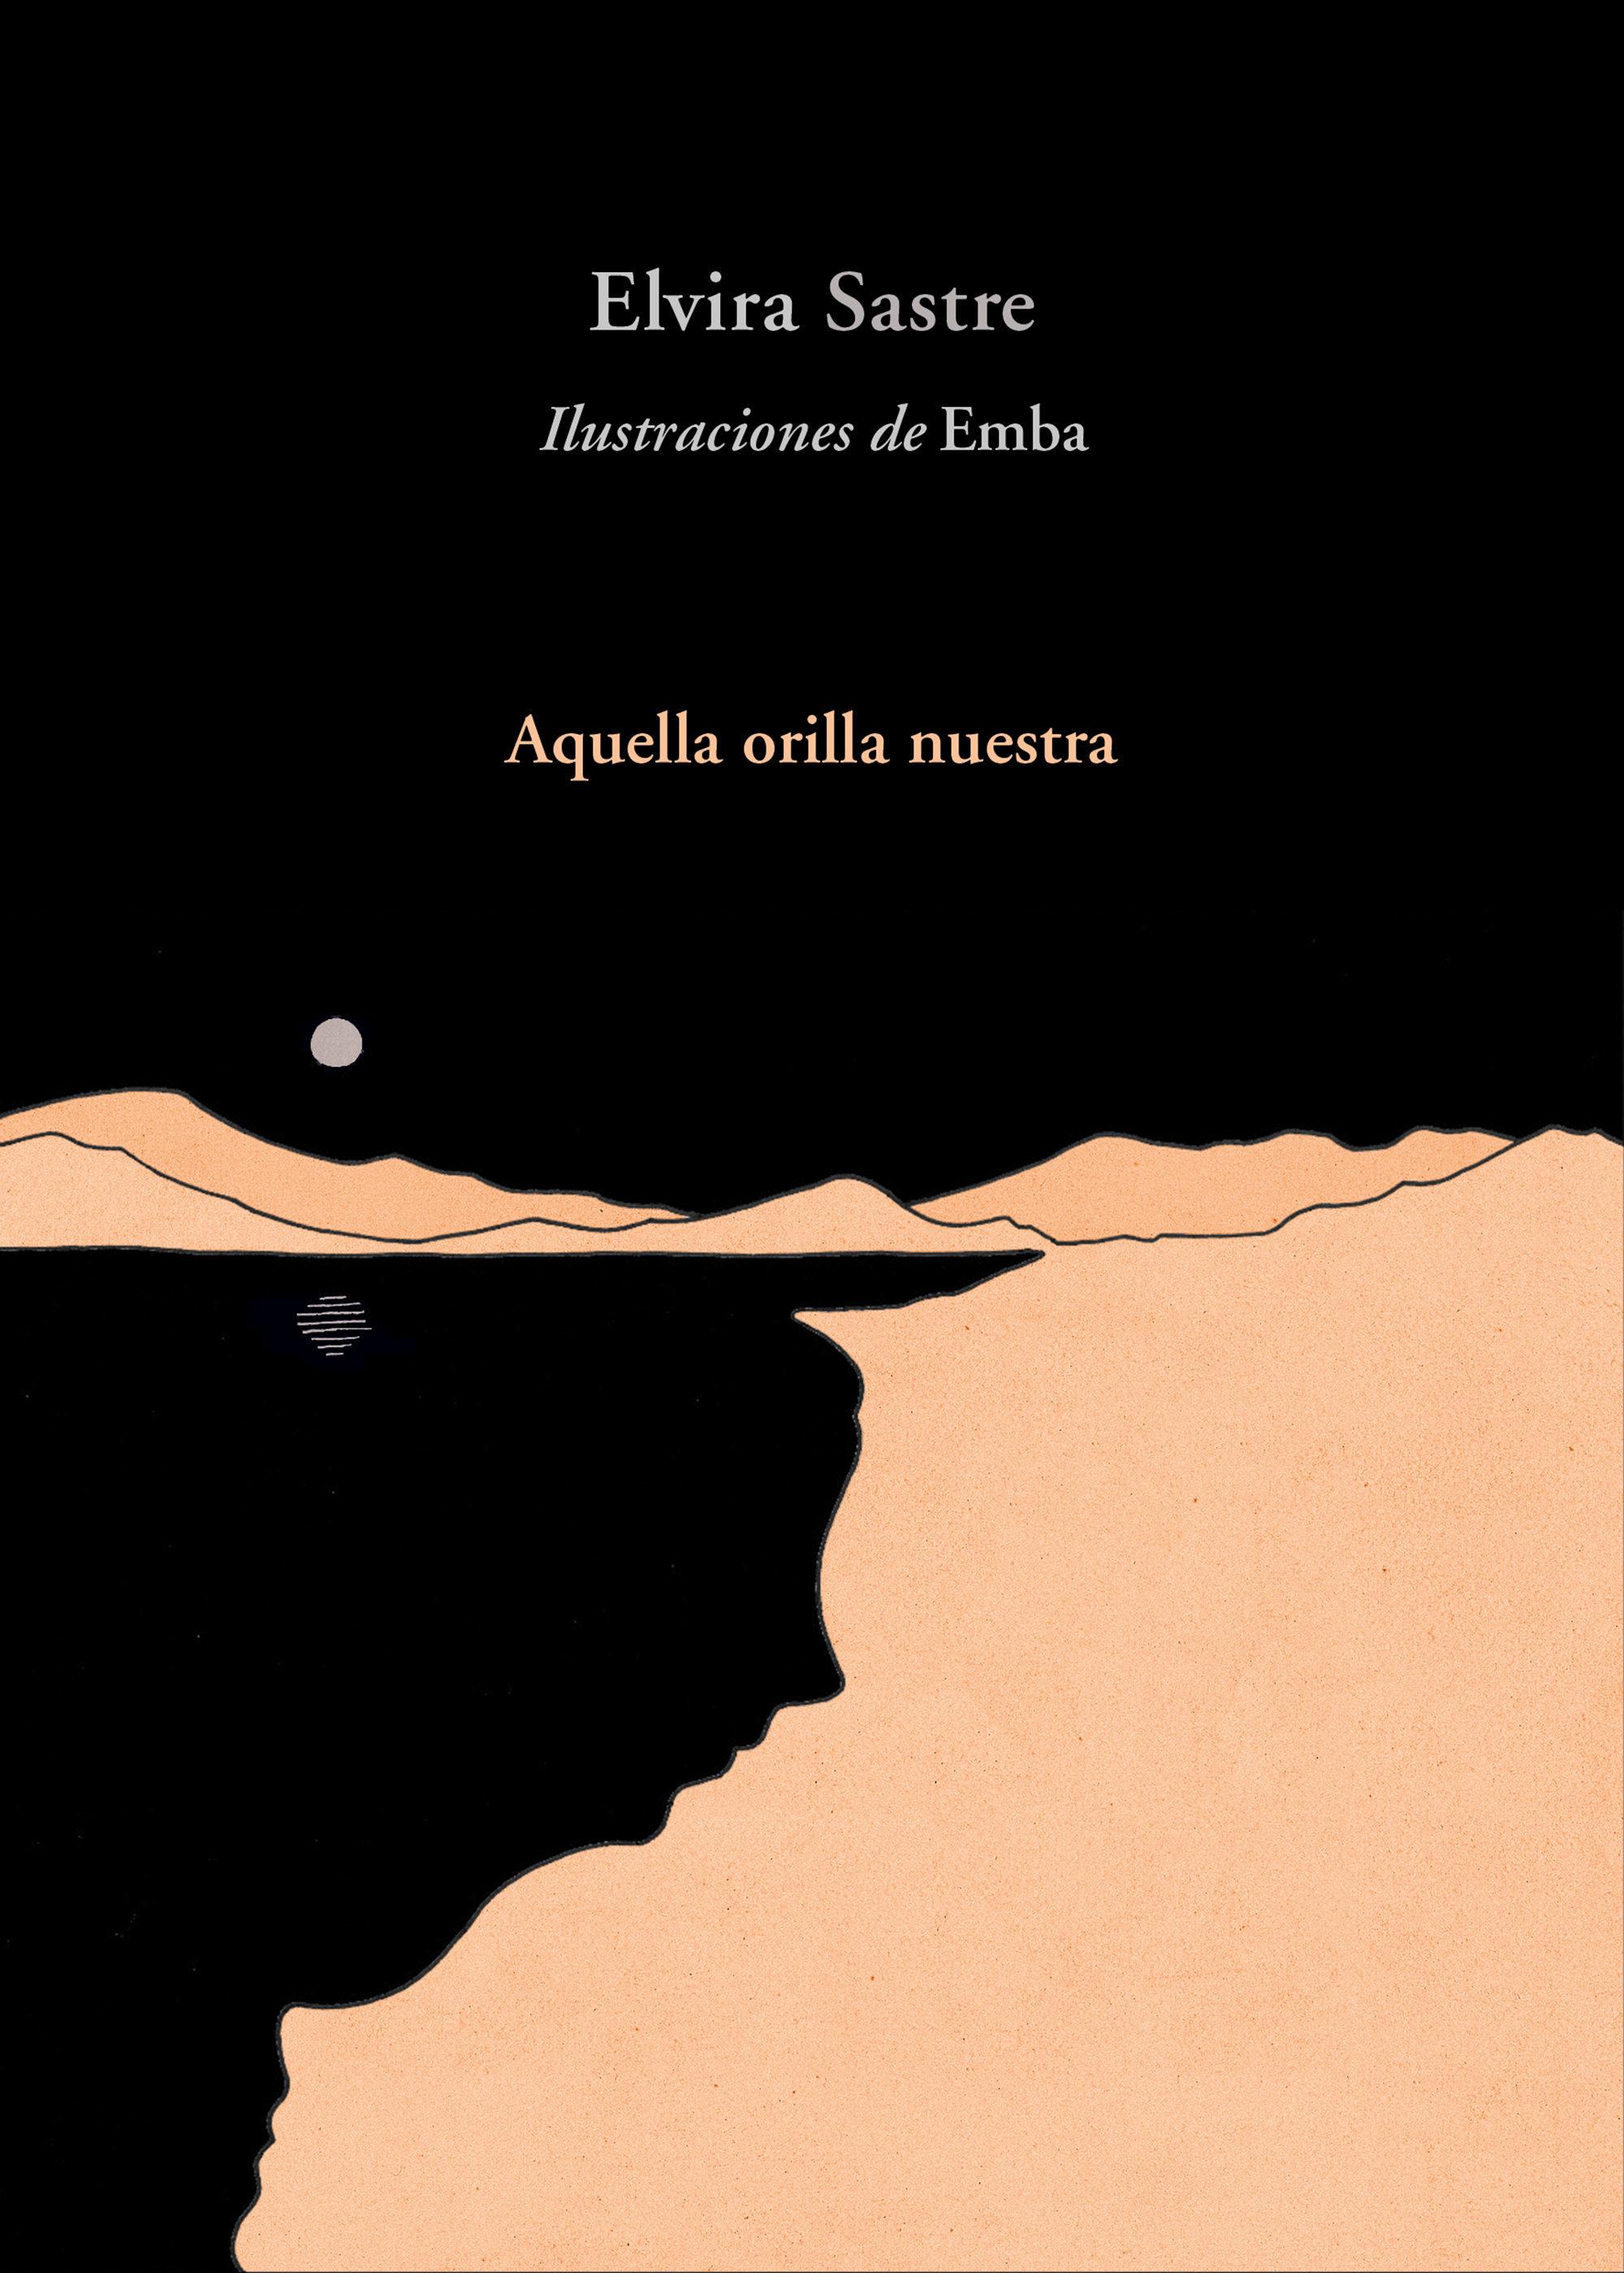 Aquella orilla nuestra, de Elvira Sastre.